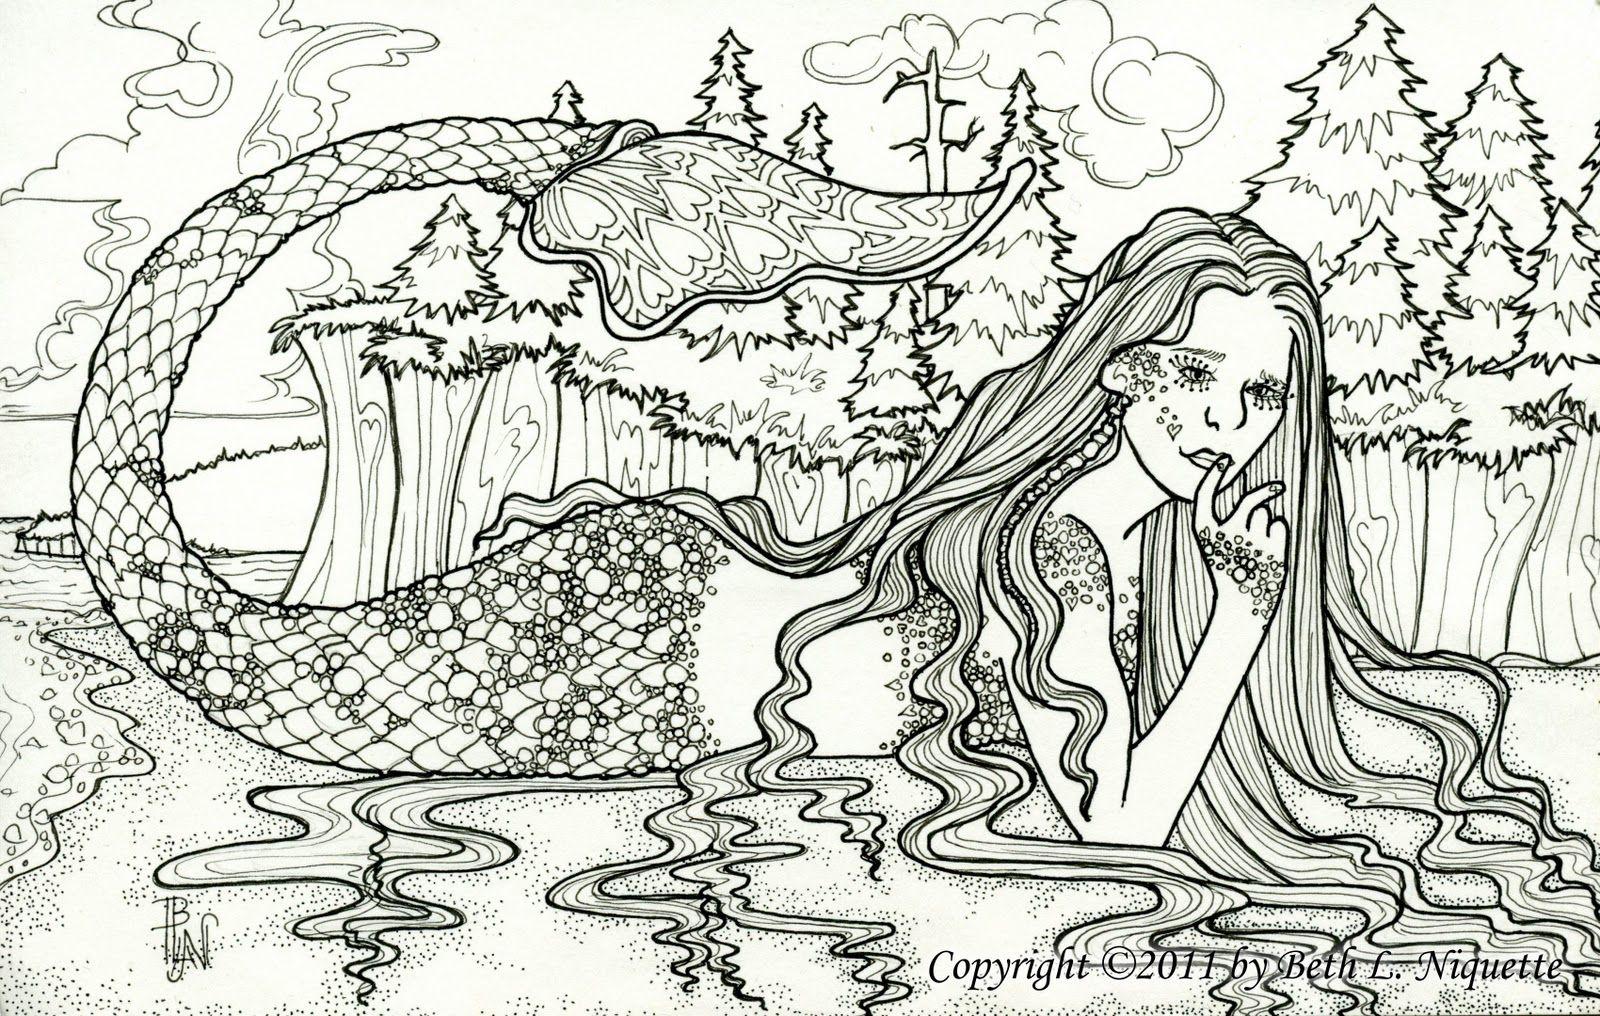 Pin de Patricia Iannone en Diseños - Sirenas | Pinterest | Sirenitas